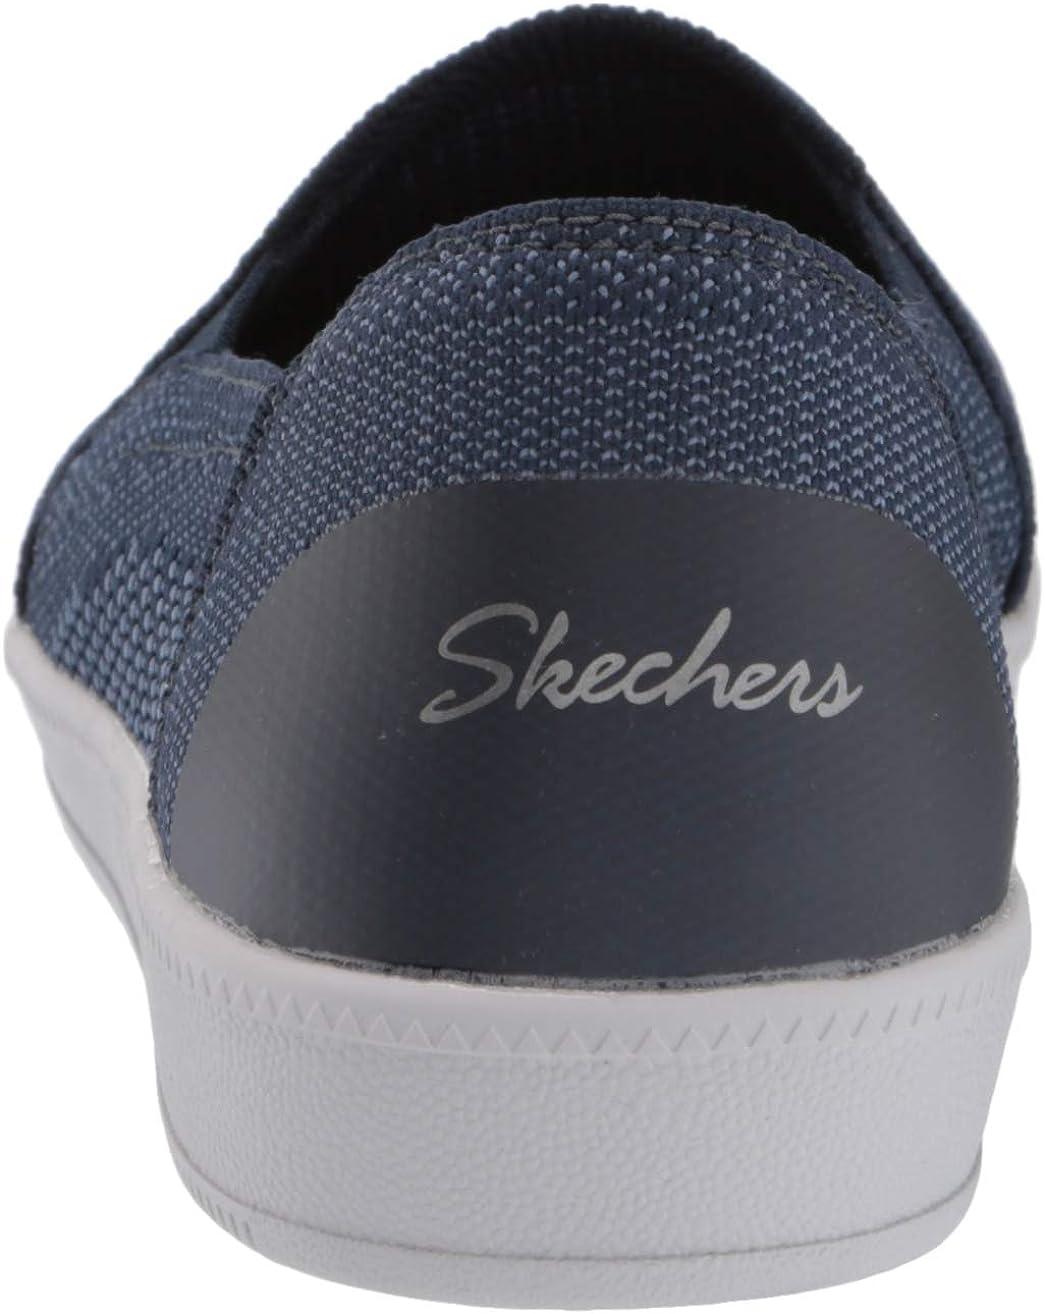 Skechers Madison Ave-Admissible, Baskets Enfiler Femme Bleu Marine